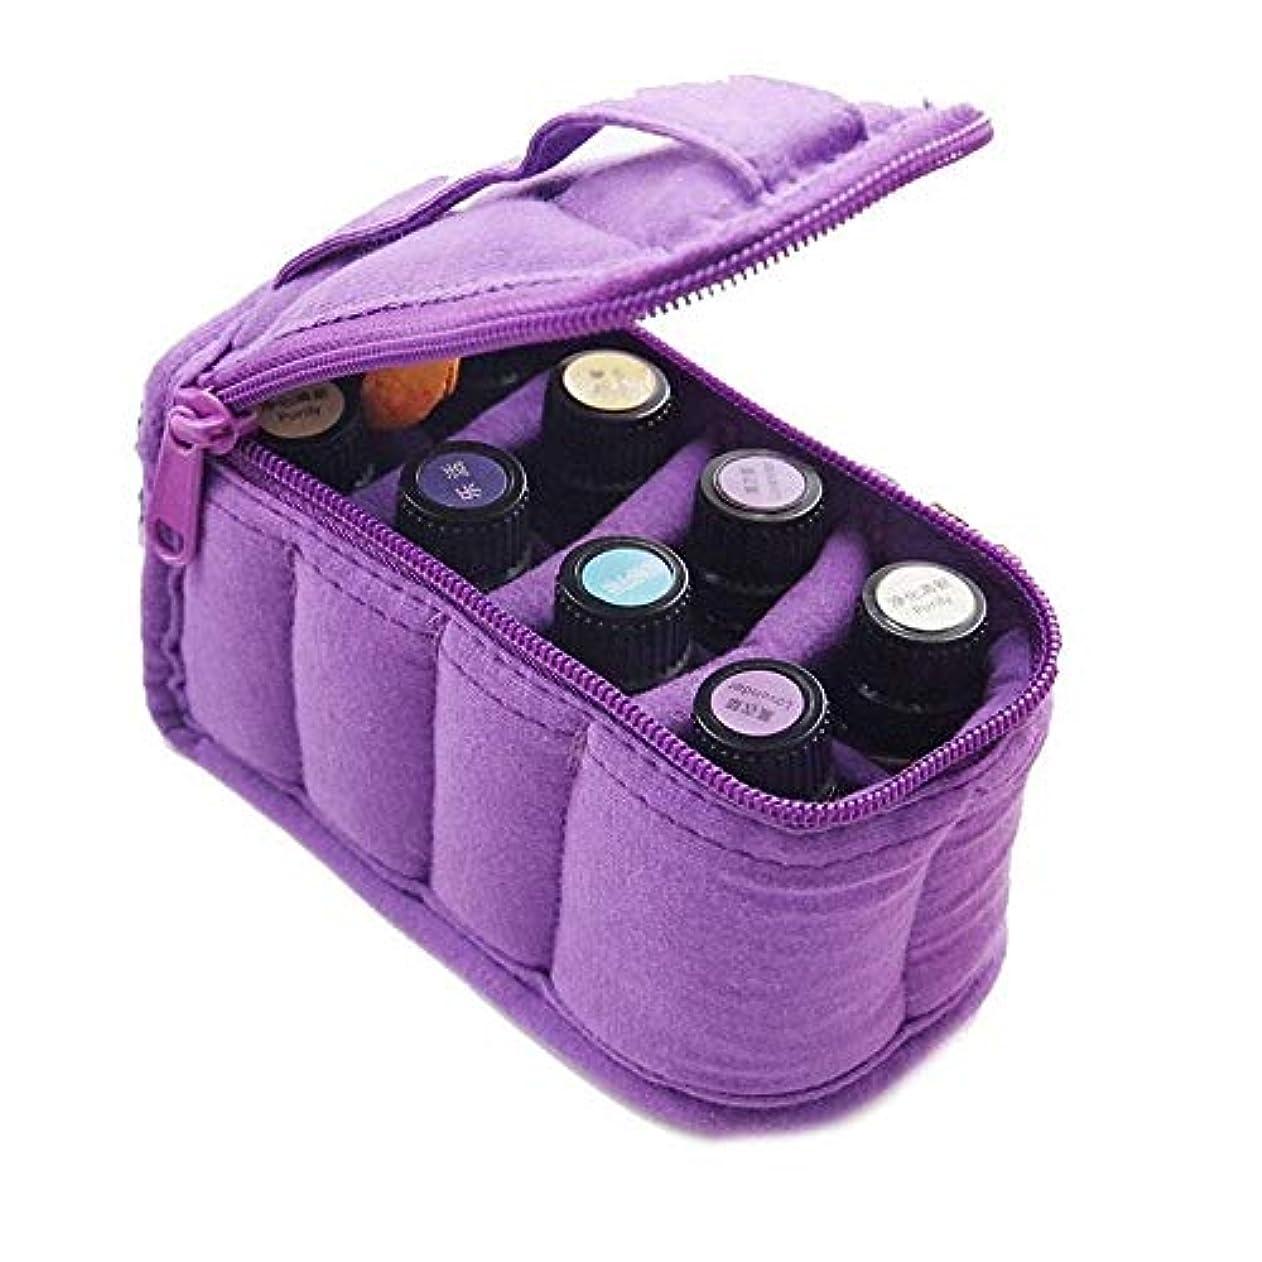 無心モーション略すエッセンシャルオイルの保管 ケースプレミアム保護キャリングエッセンシャルオイルは10-15MLエッセンシャルオイルオーガナイザーバッグ(トップのハンドルキャリー)開催します (色 : 紫の, サイズ : 13X7X7.5CM)